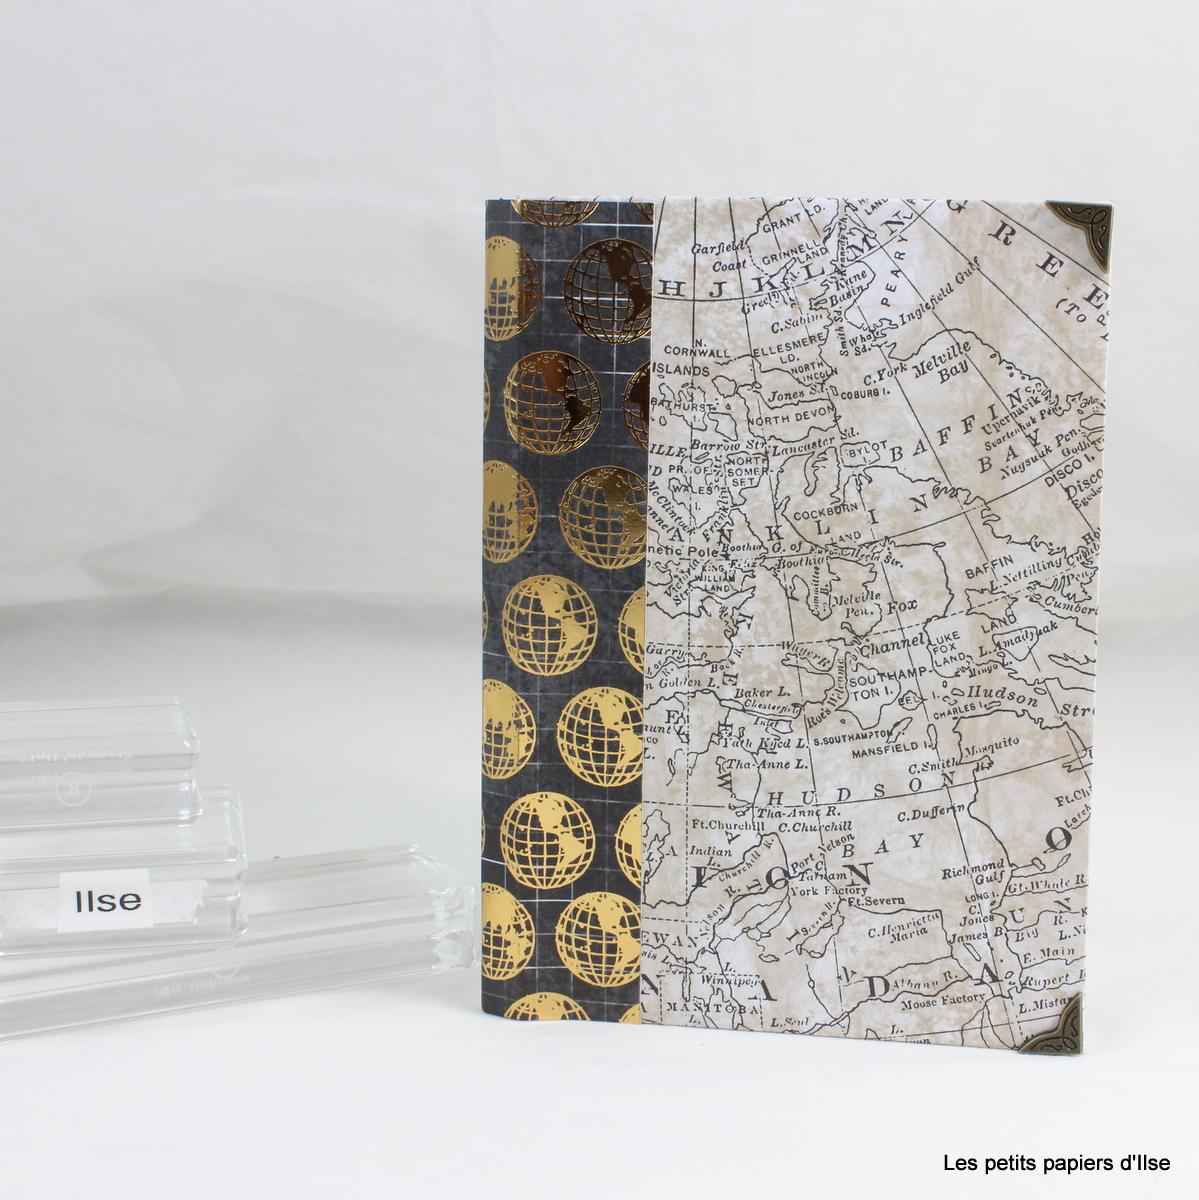 Photo du mini-album en forme de livre